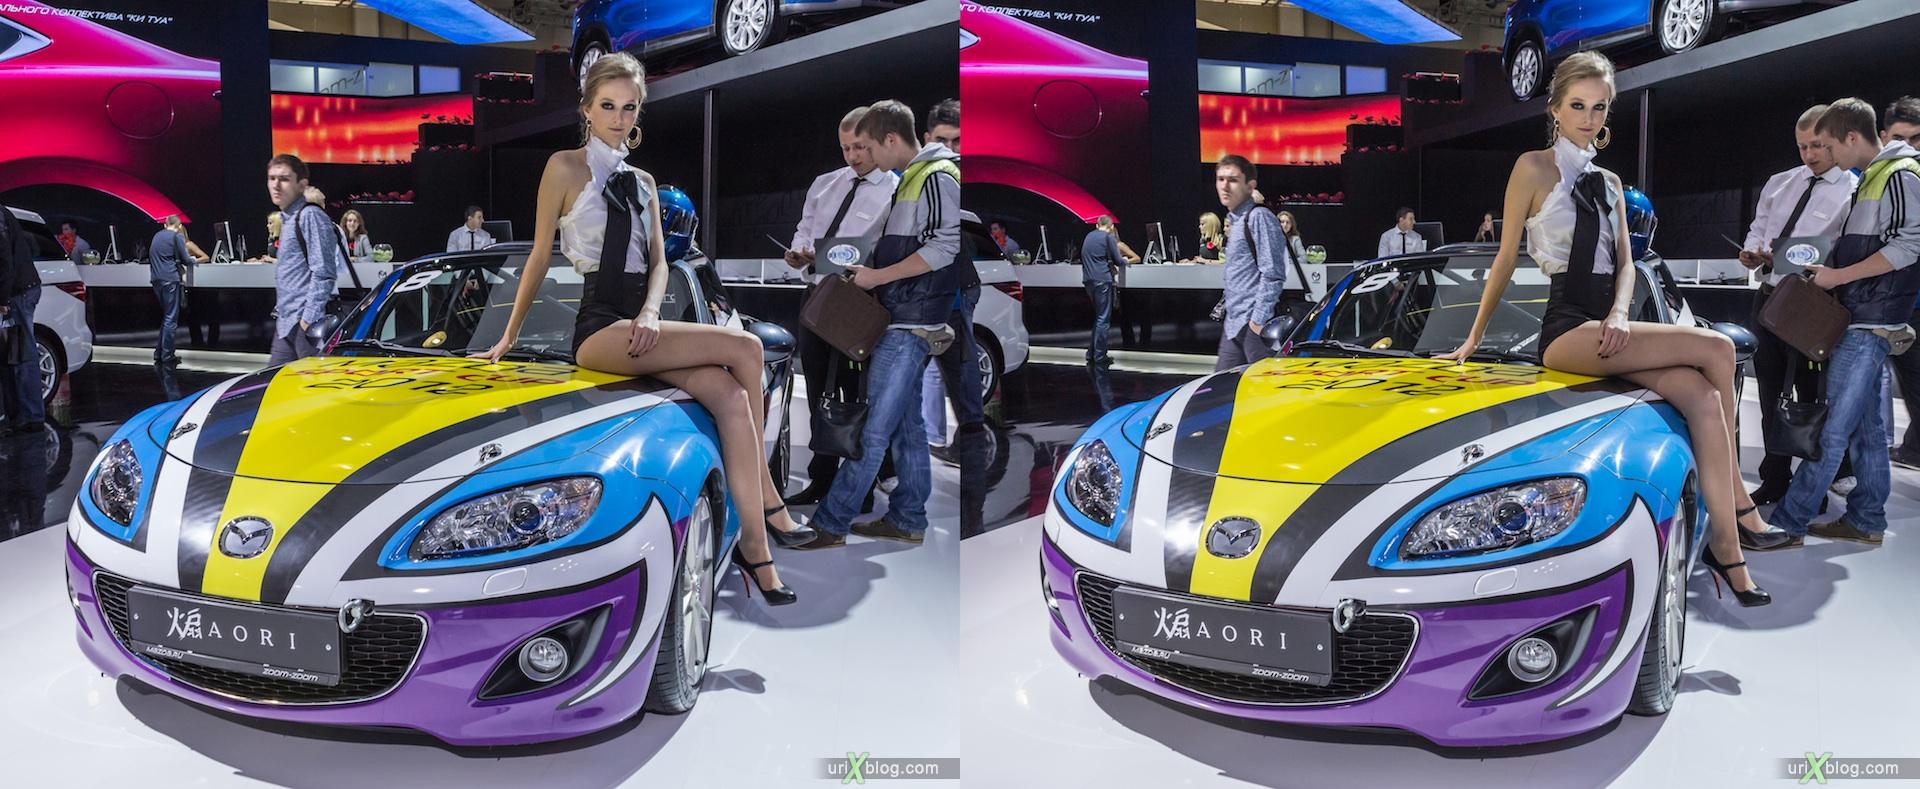 2012, Mazda AORI, девушка, модель, girl, model, Московский международный автомобильный салон, ММАС, Крокус Экспо, 3D, стерео, стереопара